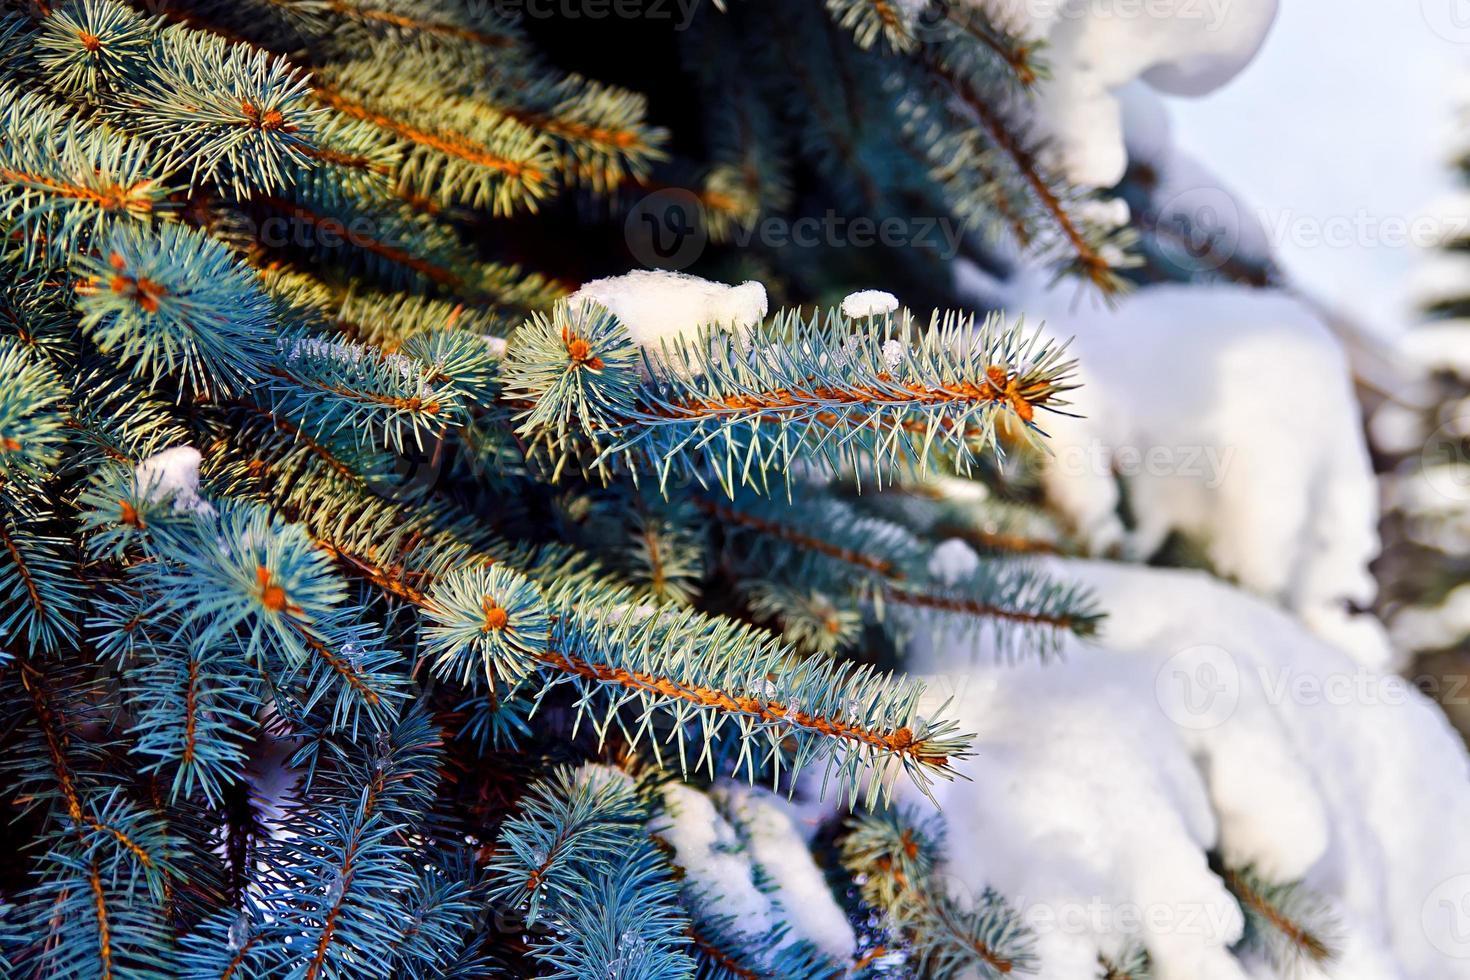 Pfoten Blaufichte (lat. picea pungens) im Schnee foto